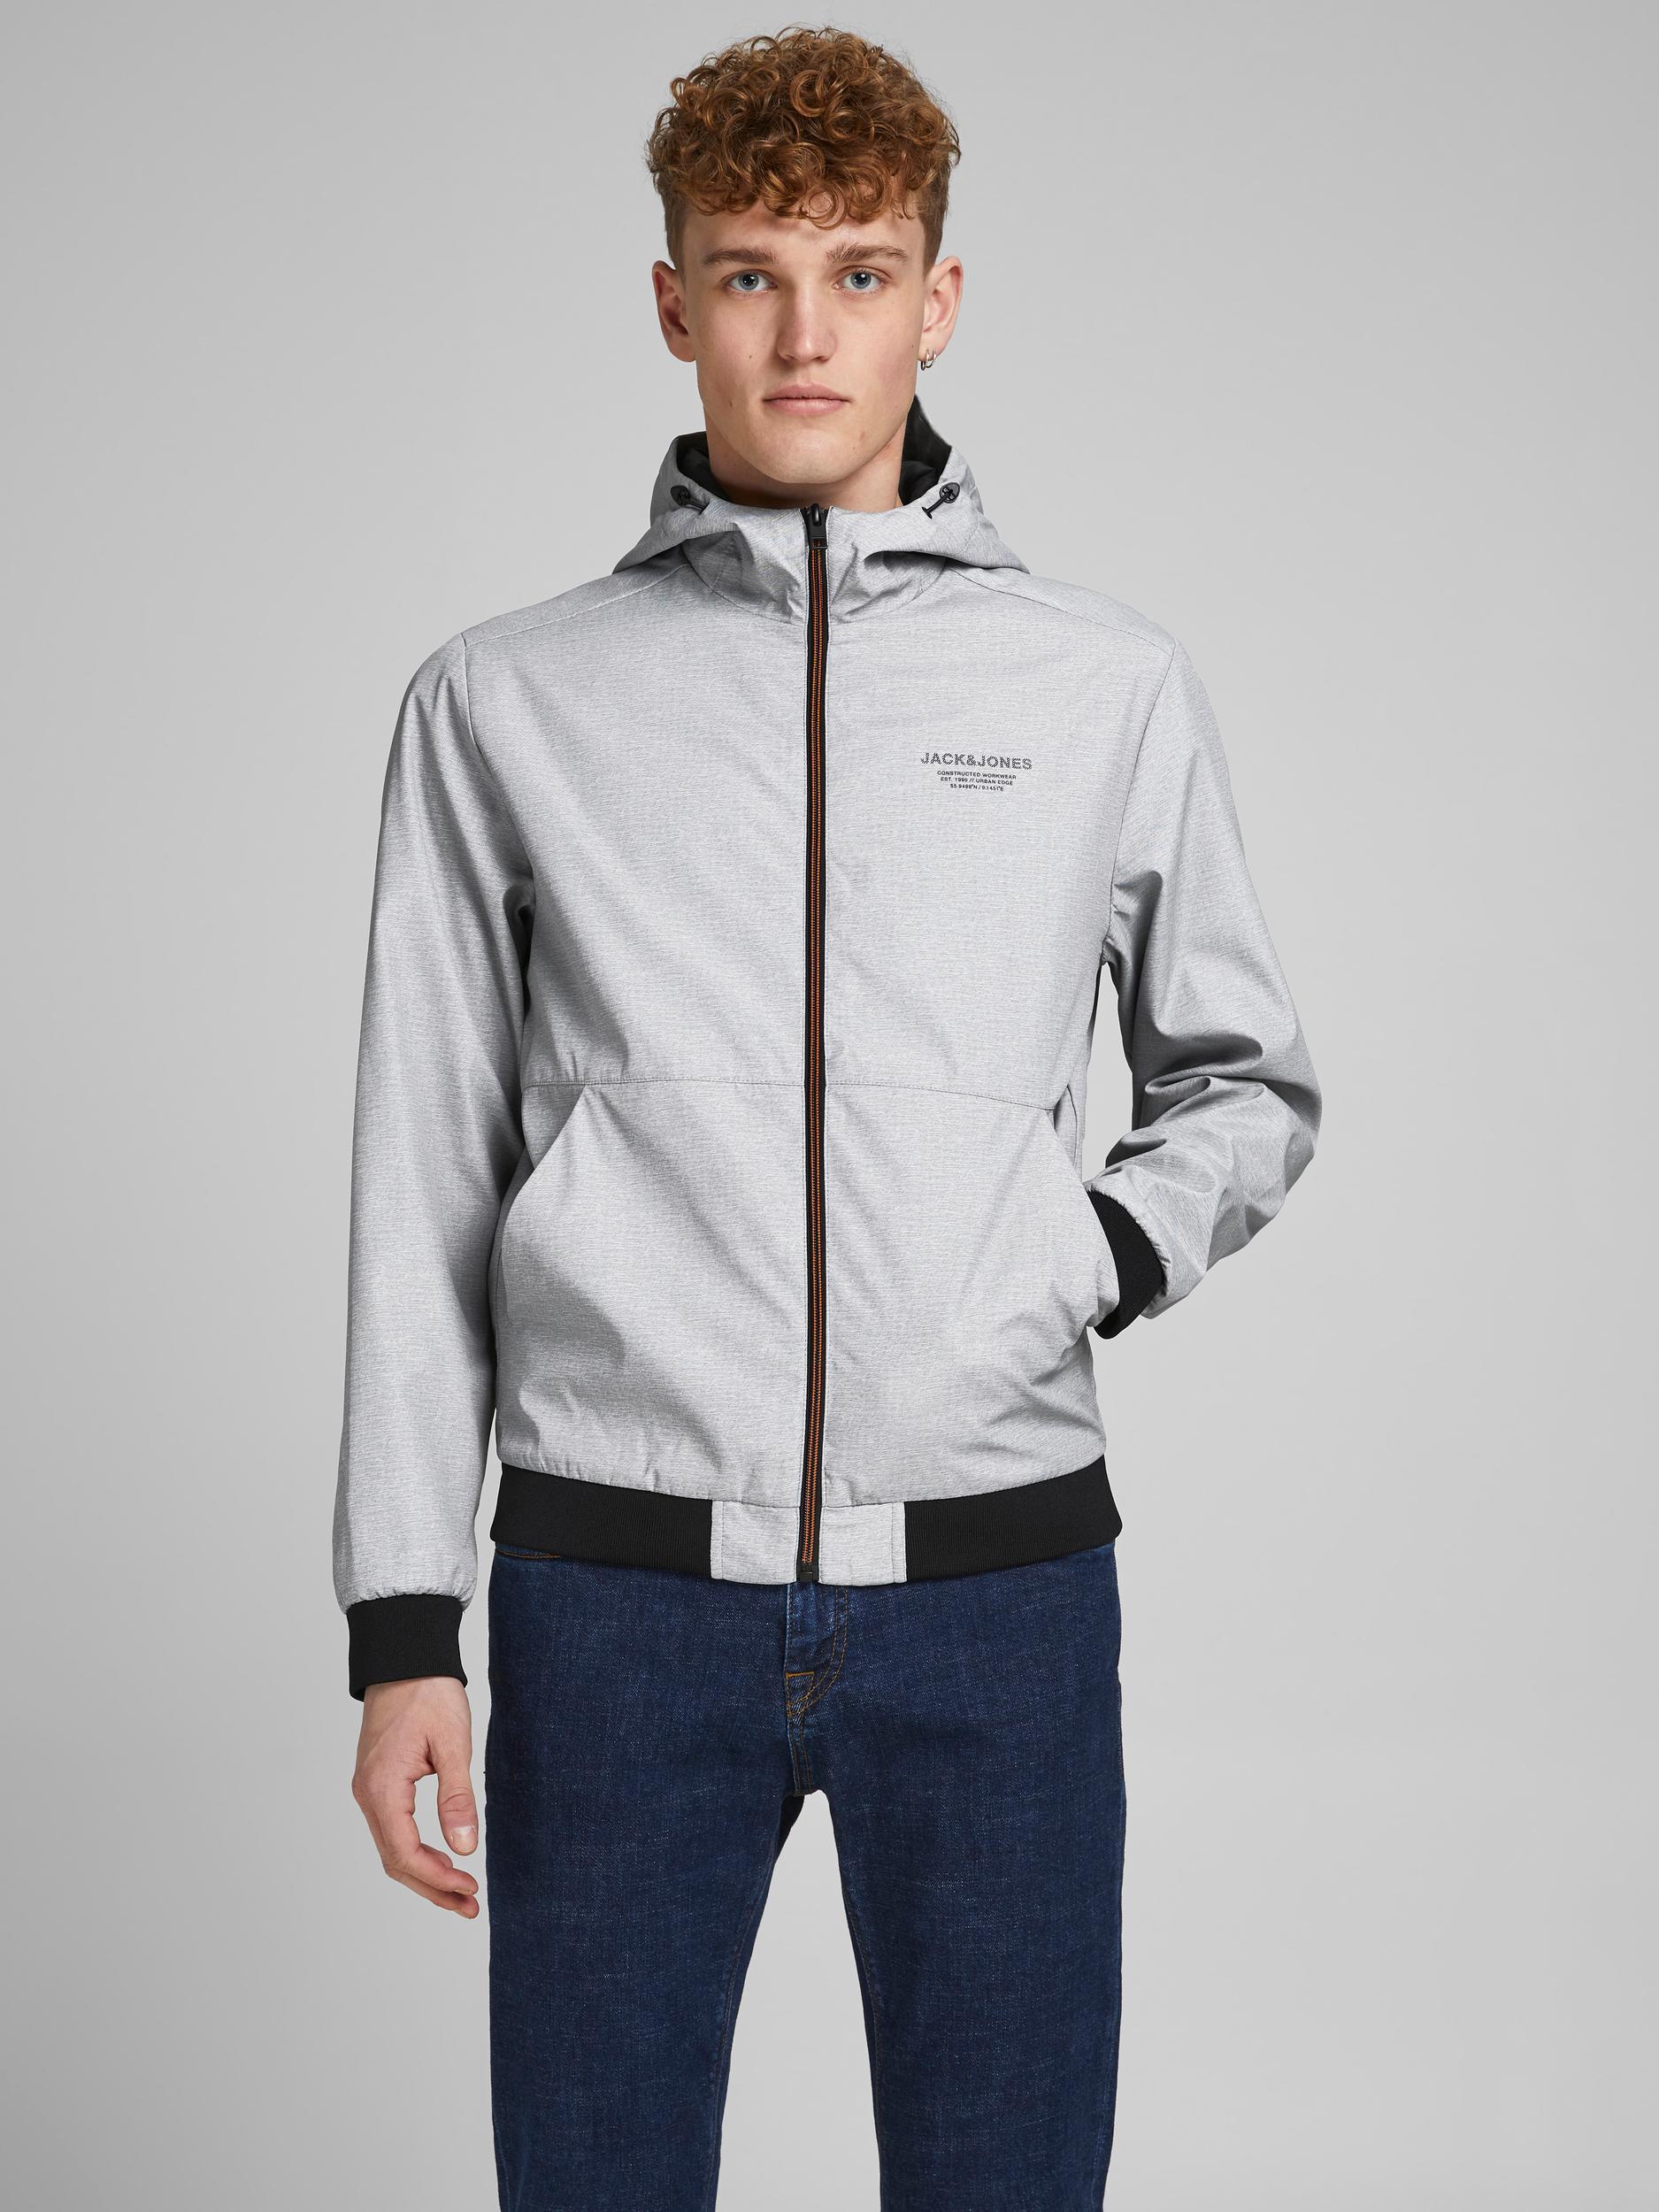 Jack & Jones Seam jakke m. hætte, grey melange, x-large